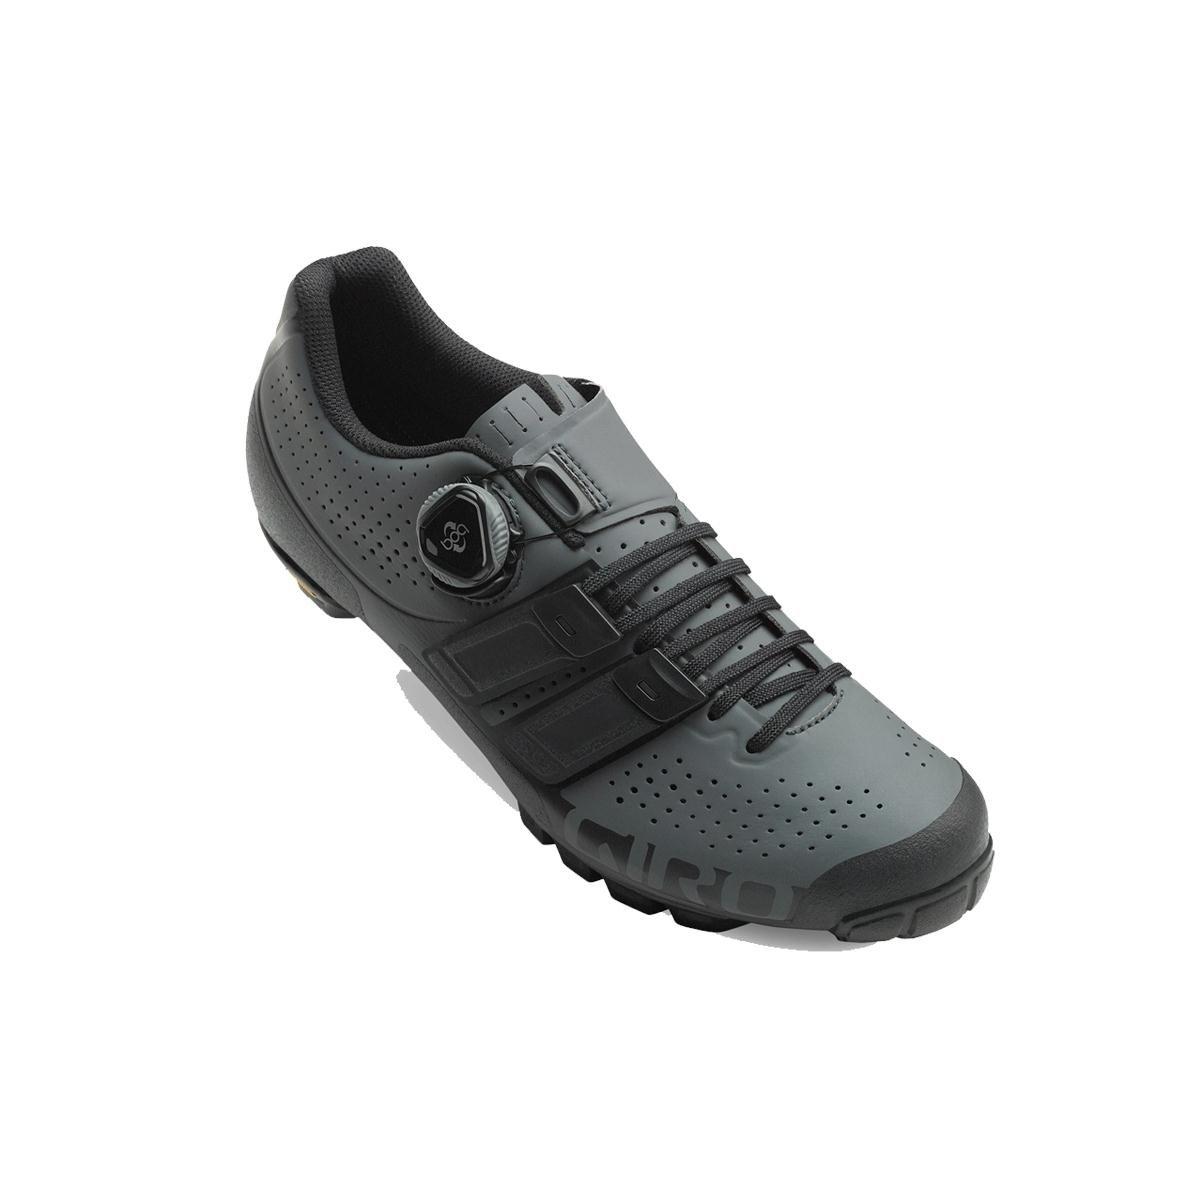 Nike Air Foamposite Pro M 624041 007 B008fzgpym D M Pro Usgym 28e67c